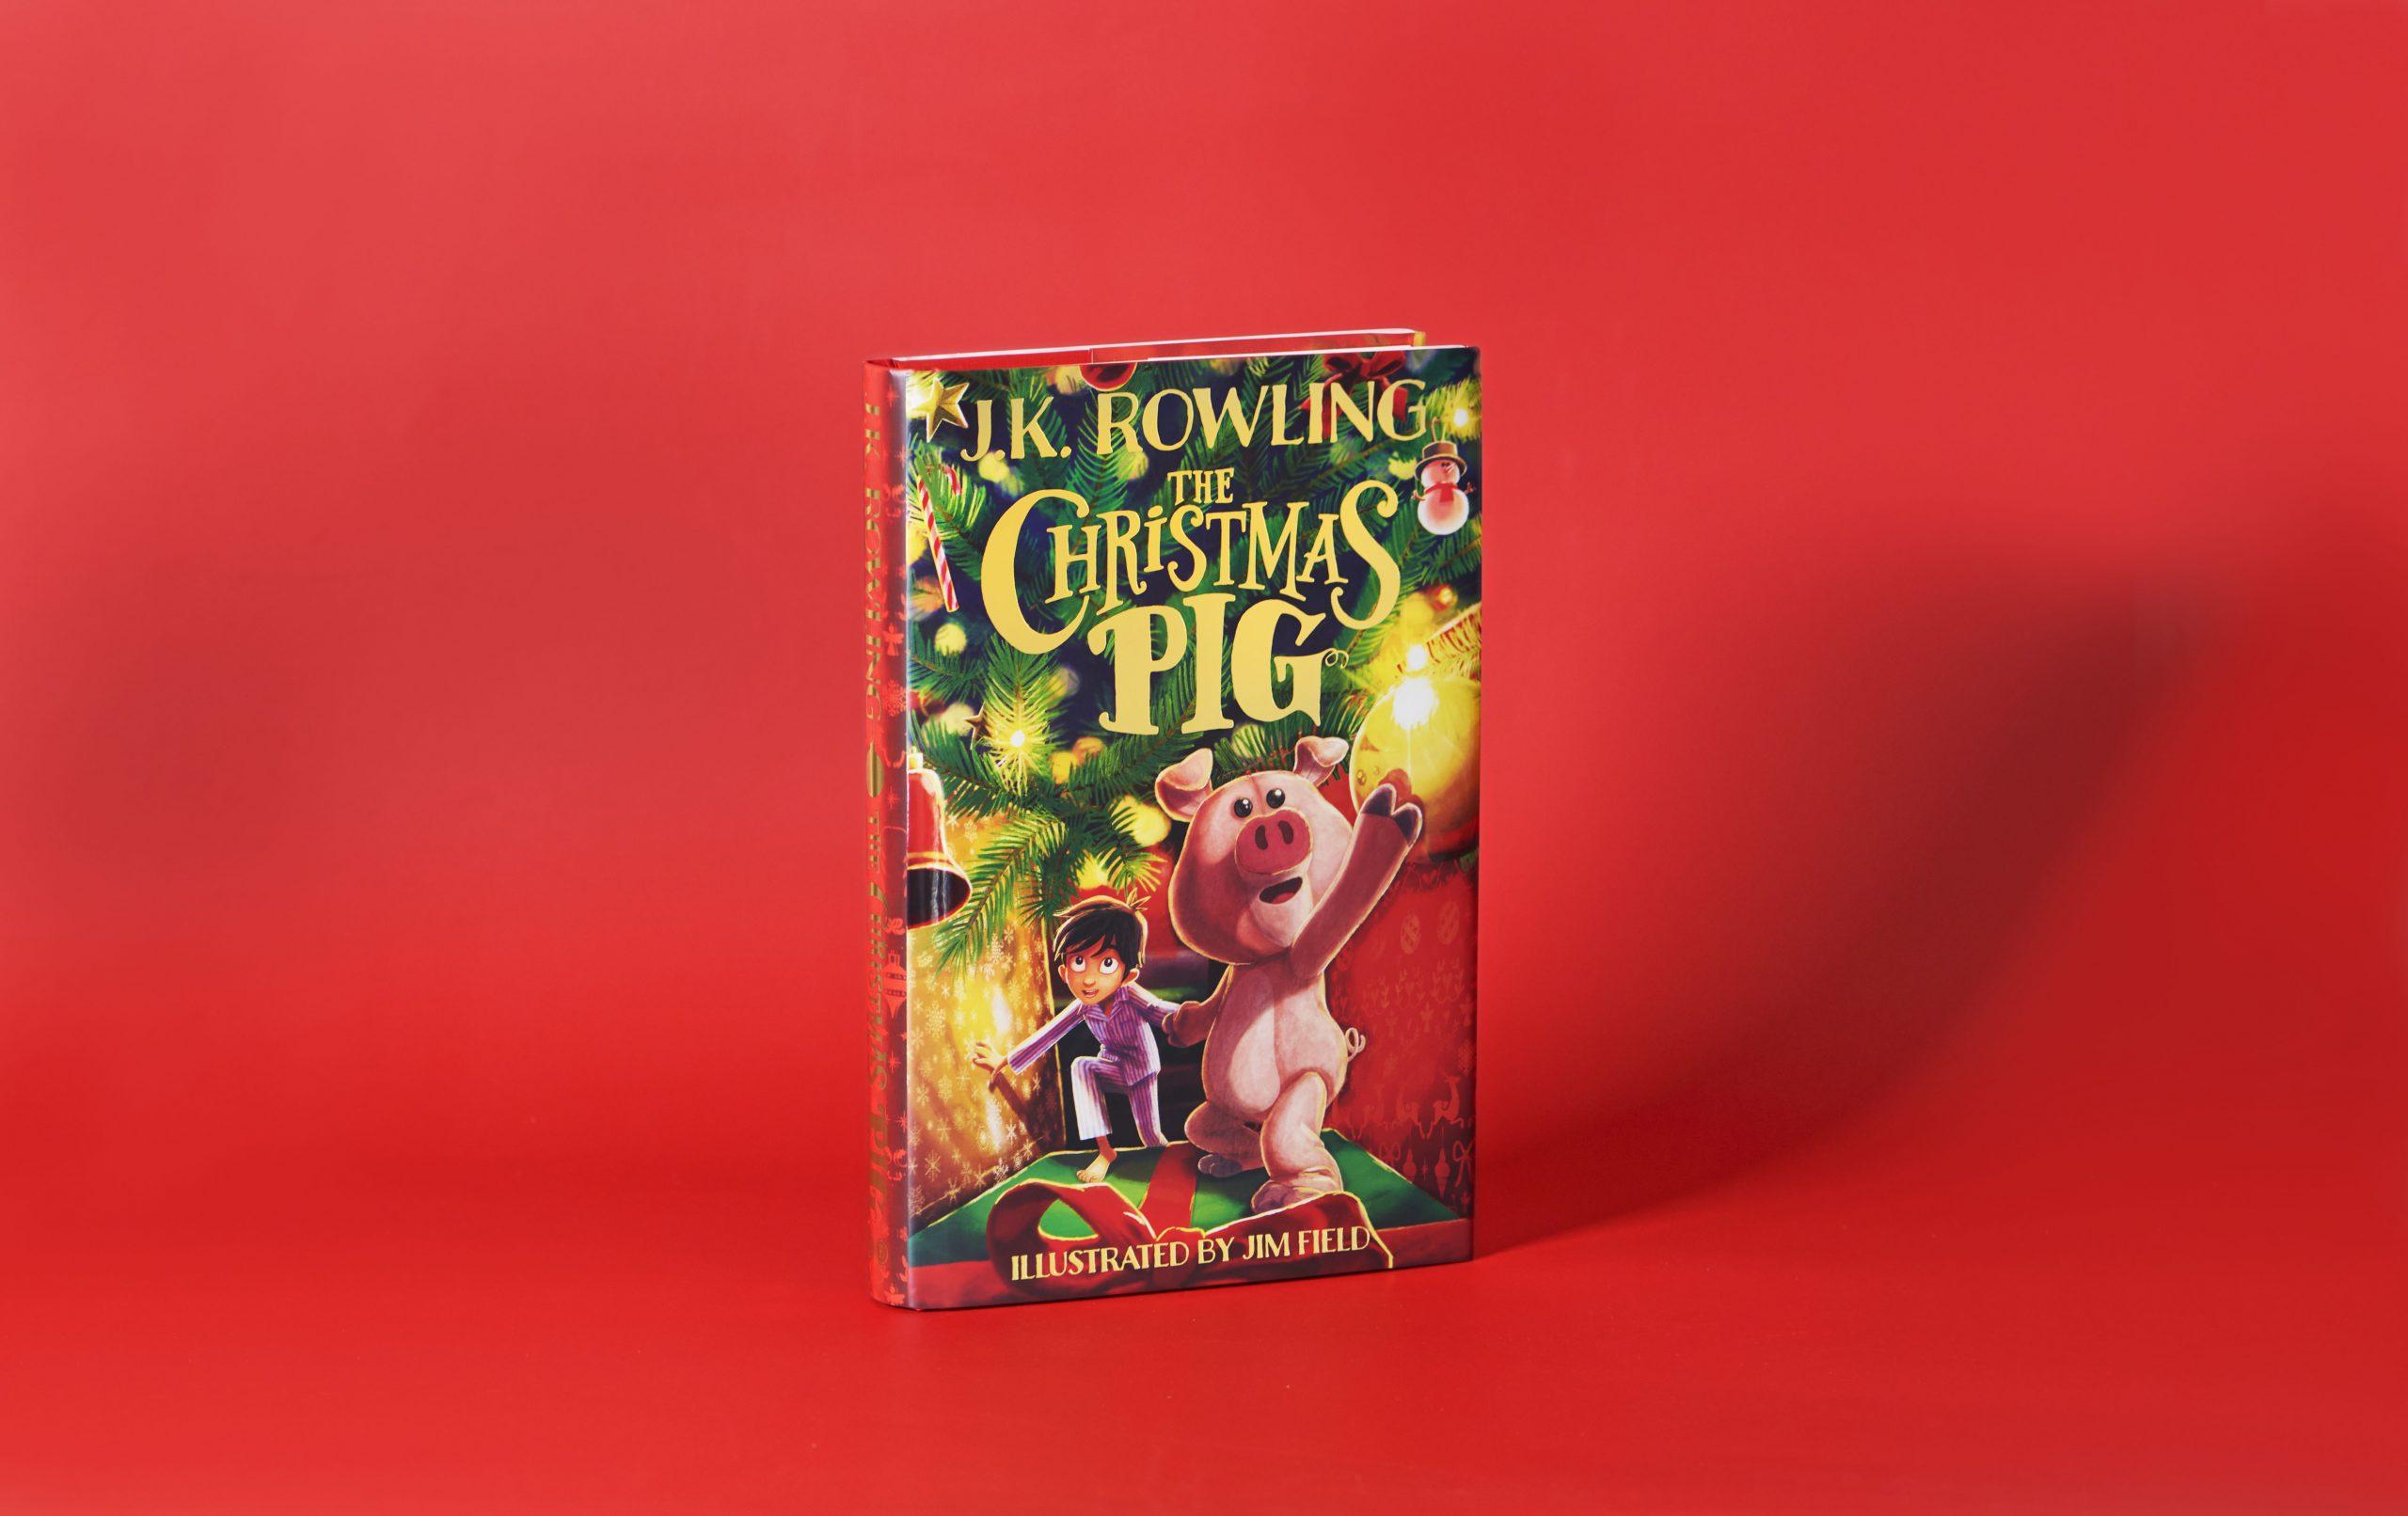 Джоан Роулинг выпустила новую детскую книгу (фото 1)